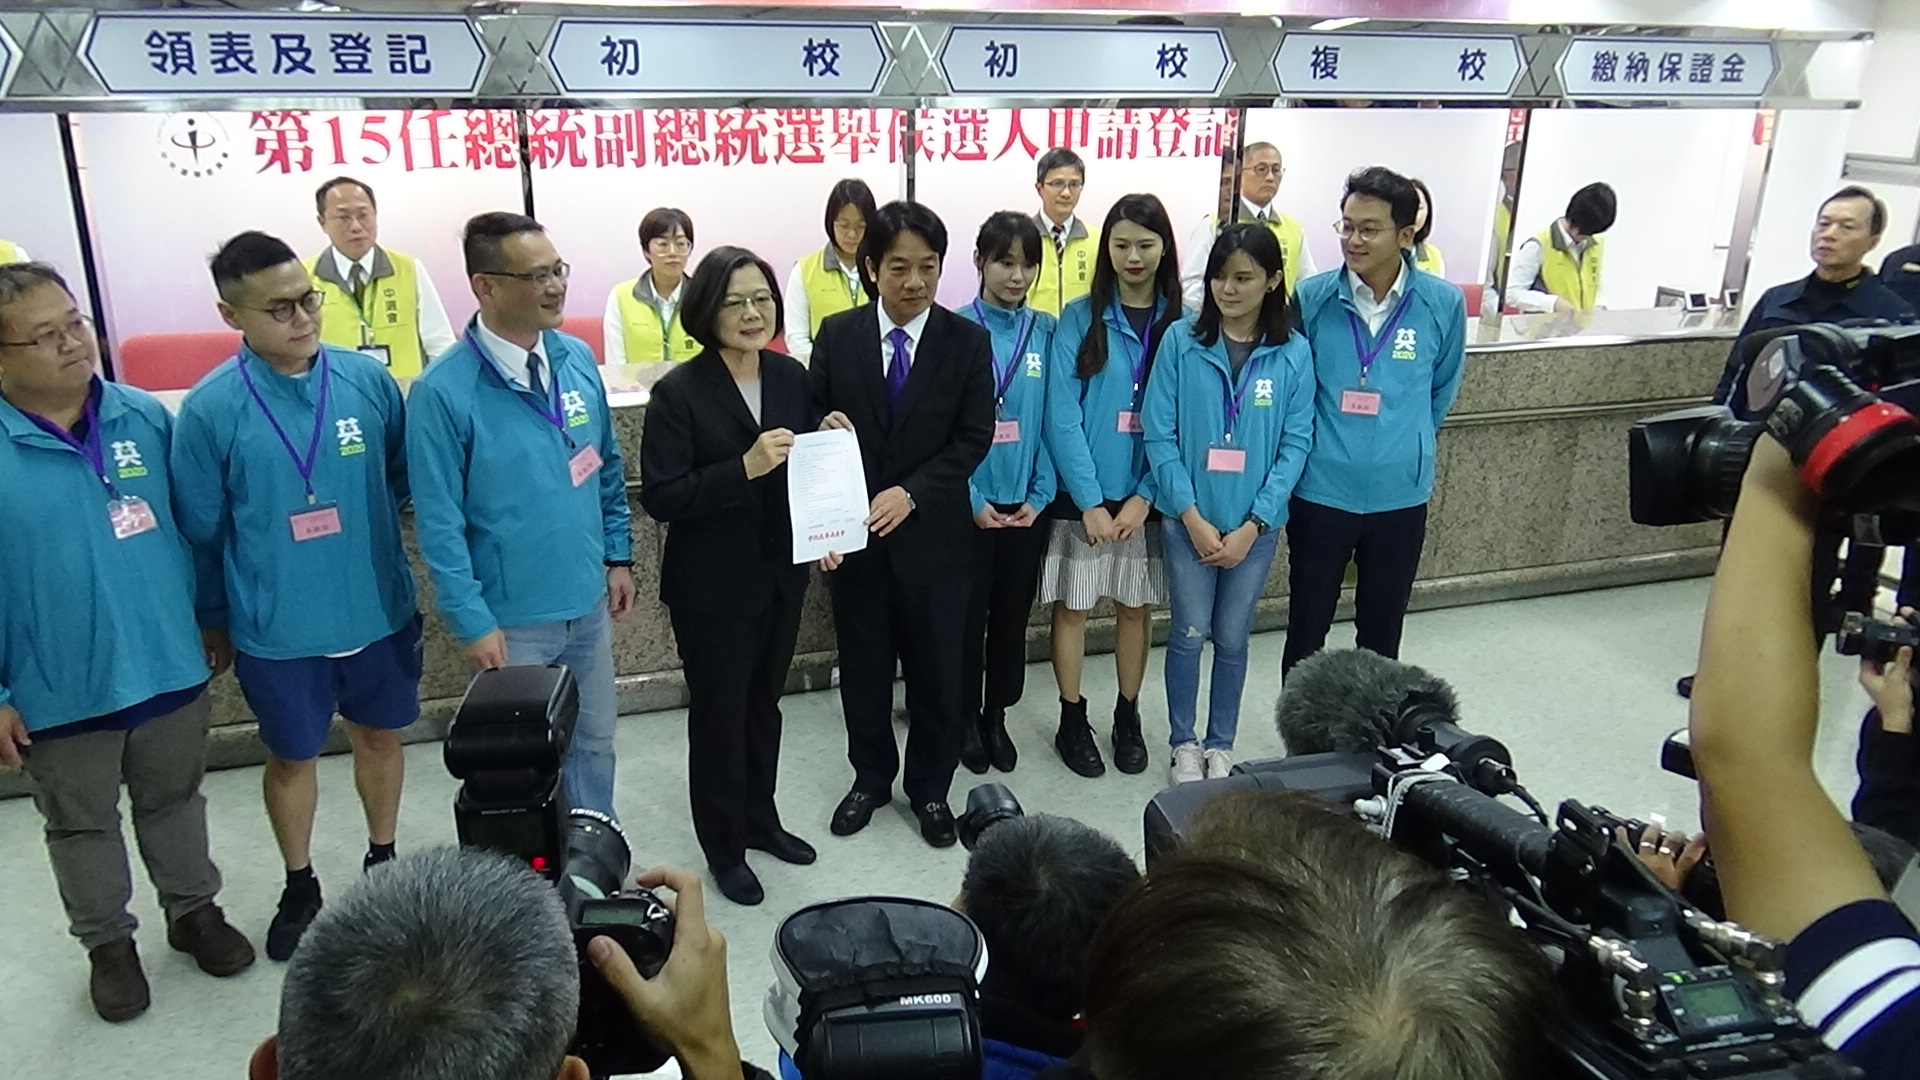 民进党正副总统候选人蔡英文、赖清德19号在中央选举委员会完成登记。(记者夏小华摄)